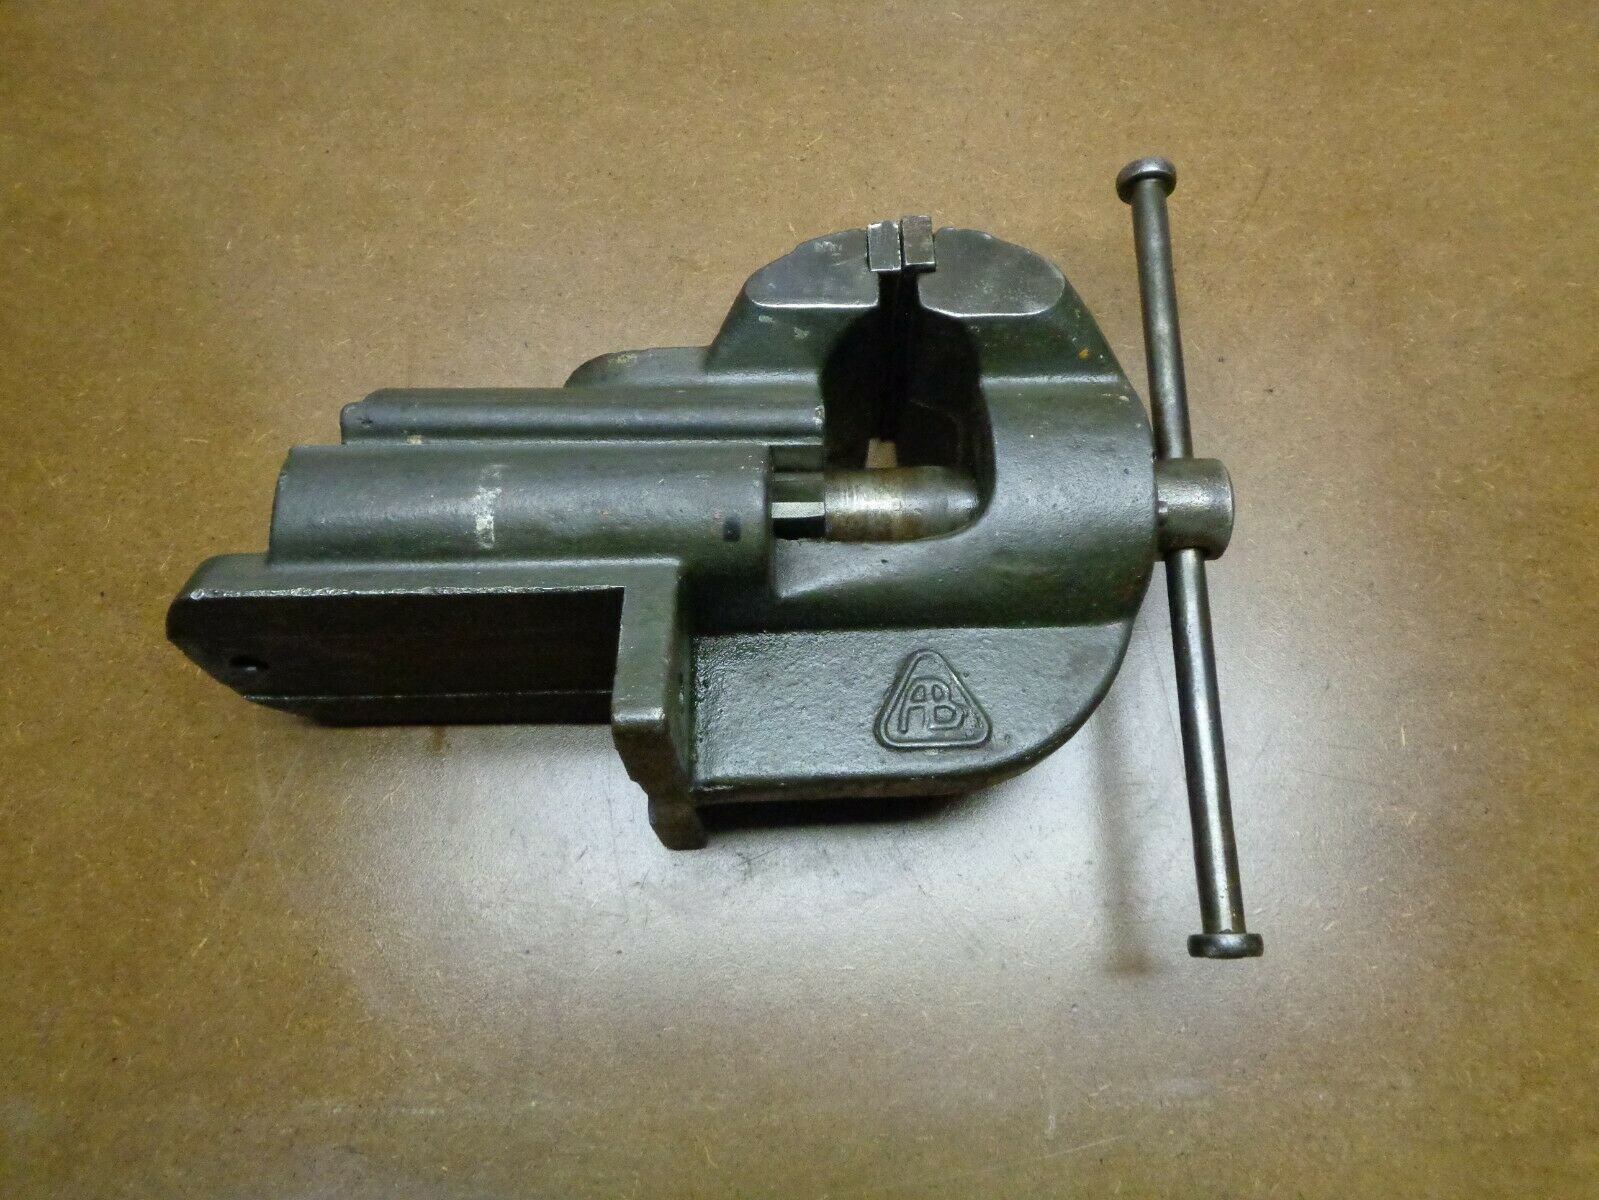 Alter Massiver Schraubstock  Spannweite 15cm Backenbreite 11,5cm-Gewicht 26.5Kg